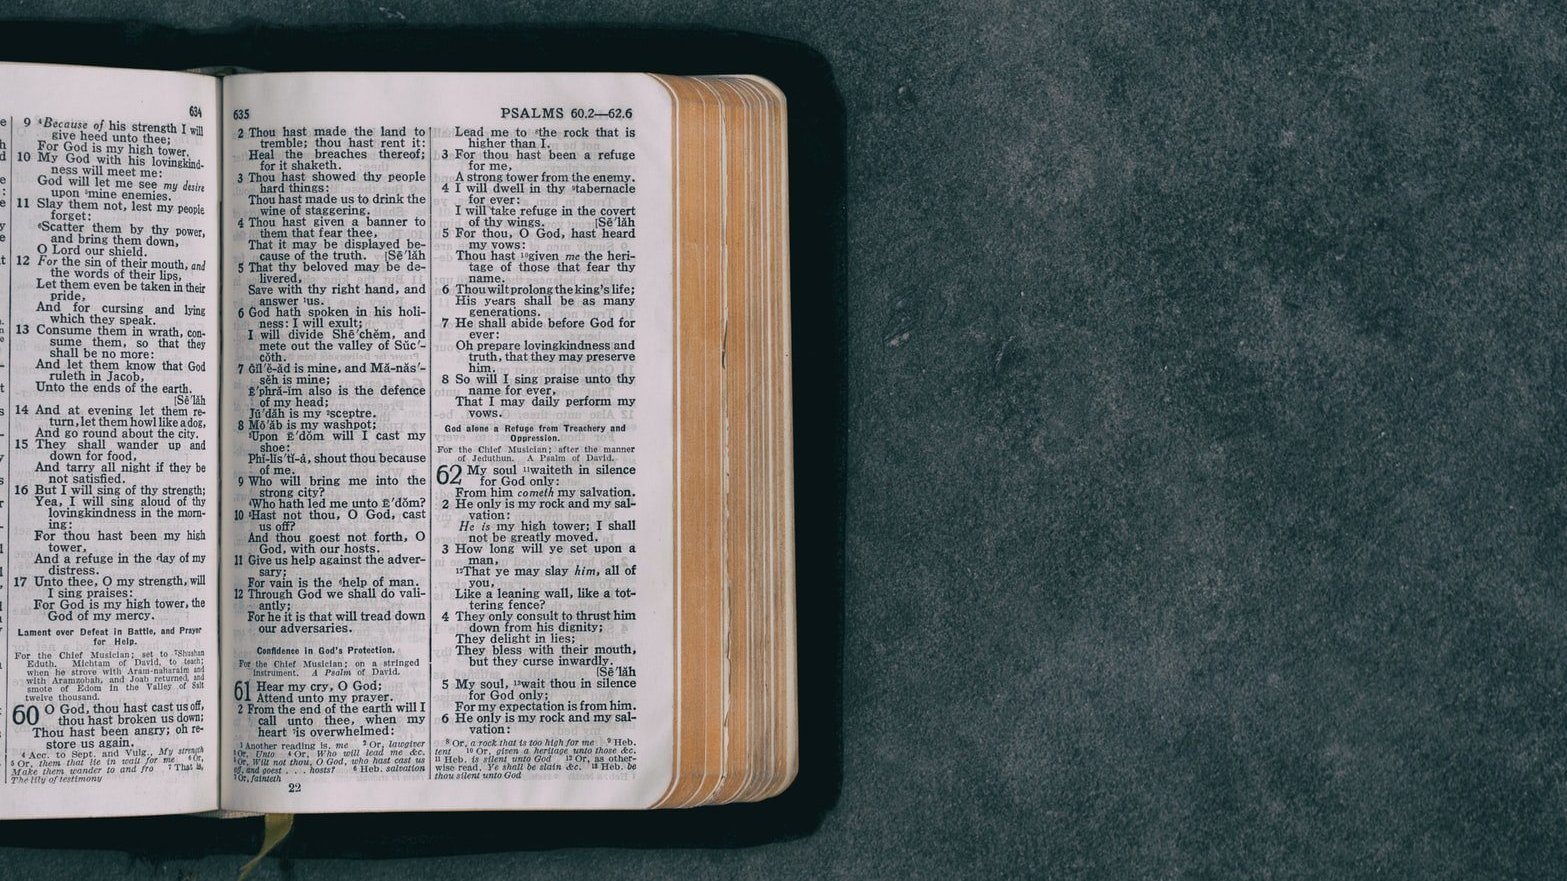 Bíblia aberta em metade da imagem, e na outra metade, apenas a superfície verde onde ela se encontra.